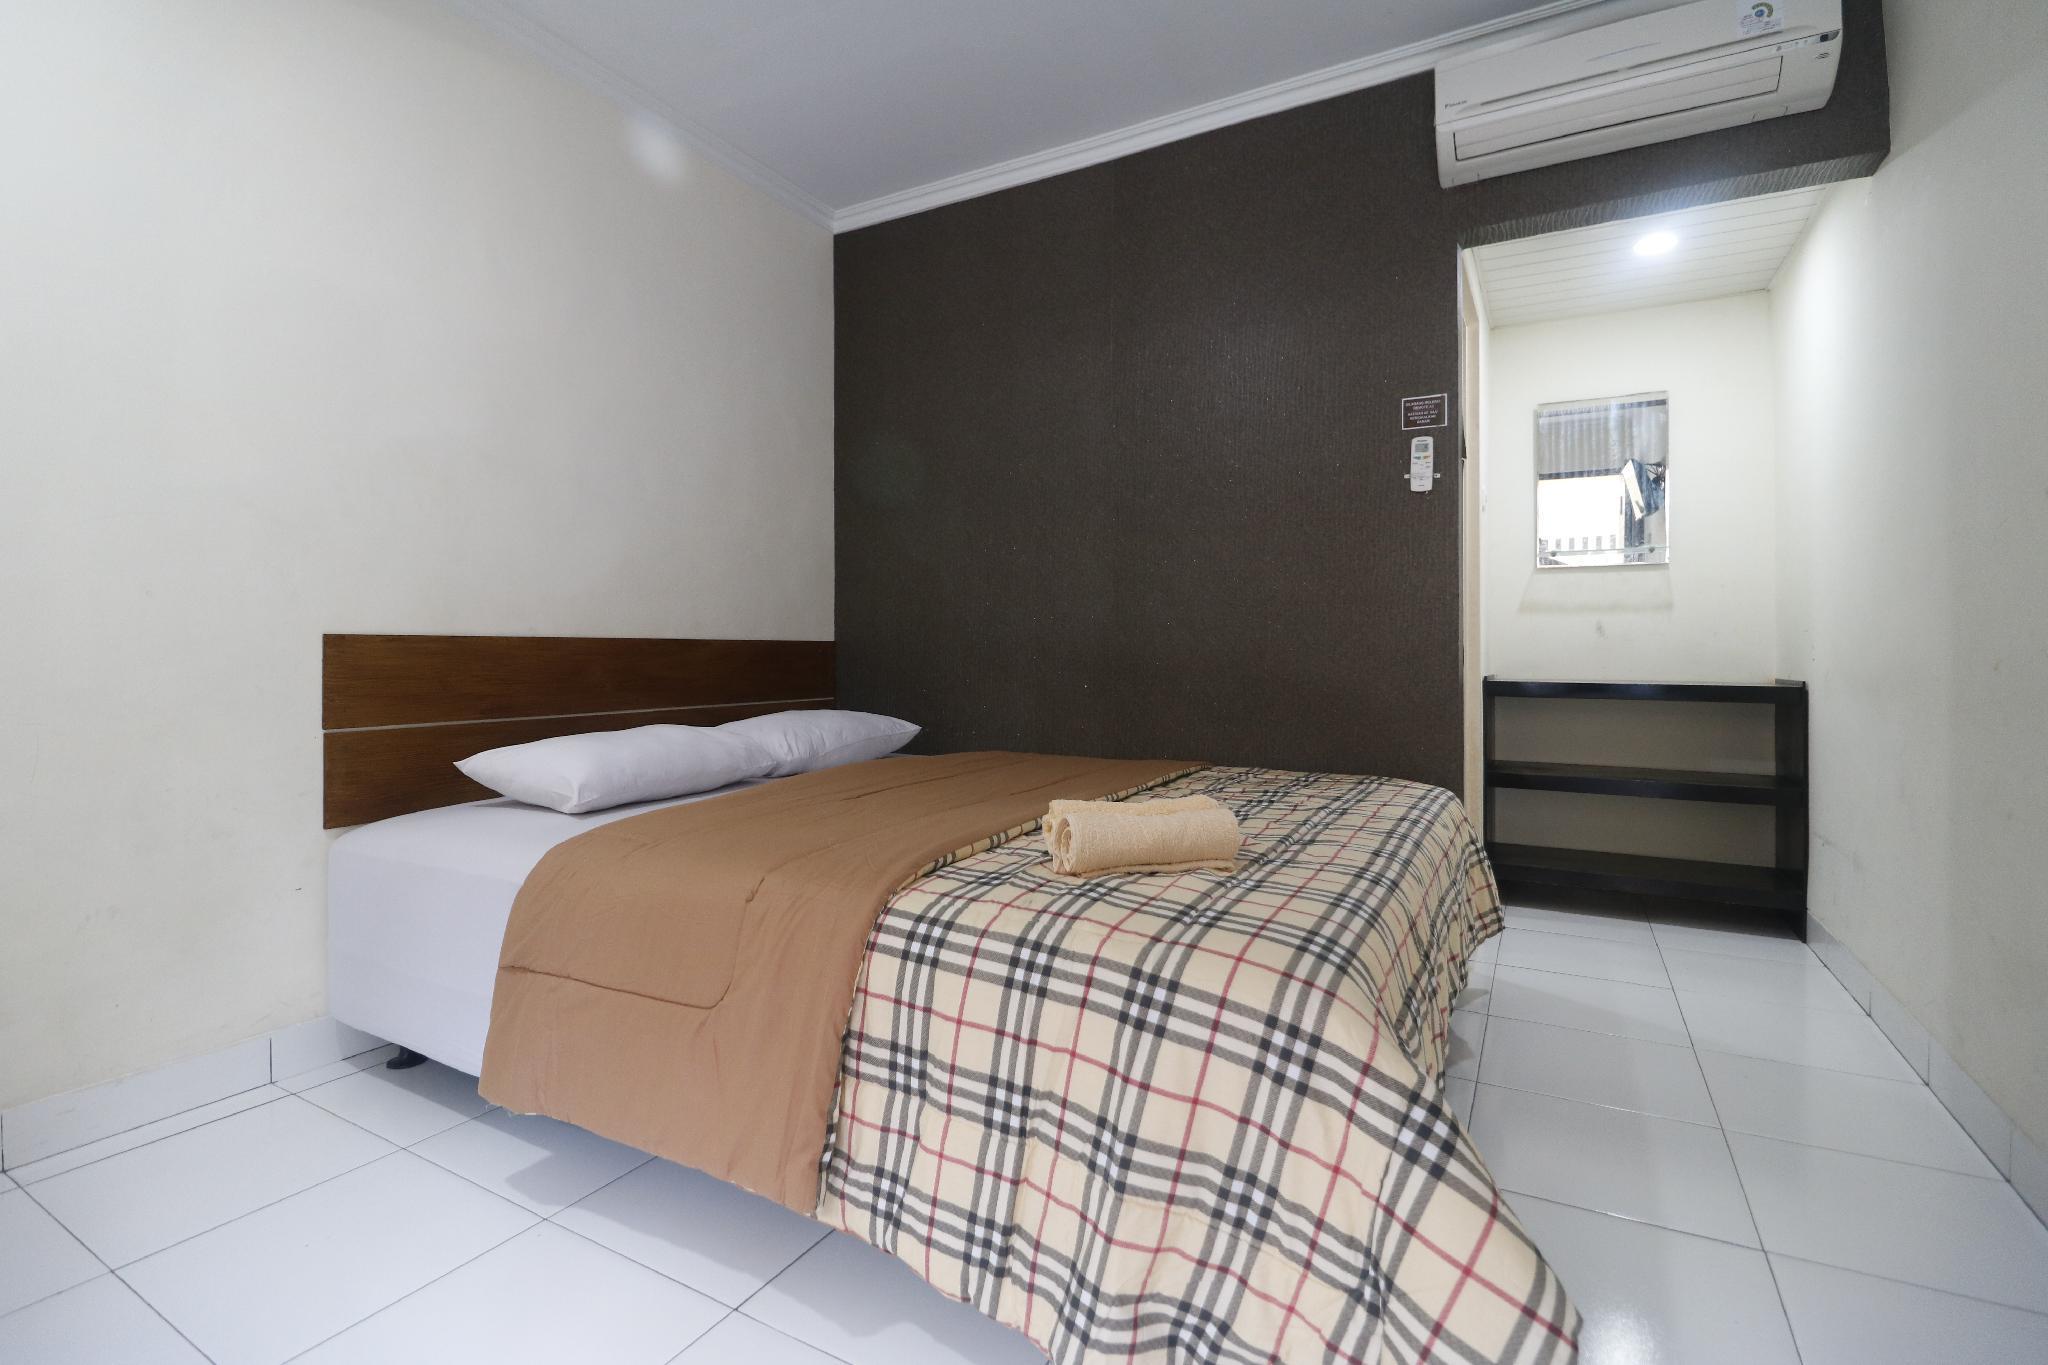 Bamboe Inn 2 Homestay, Bandar Lampung